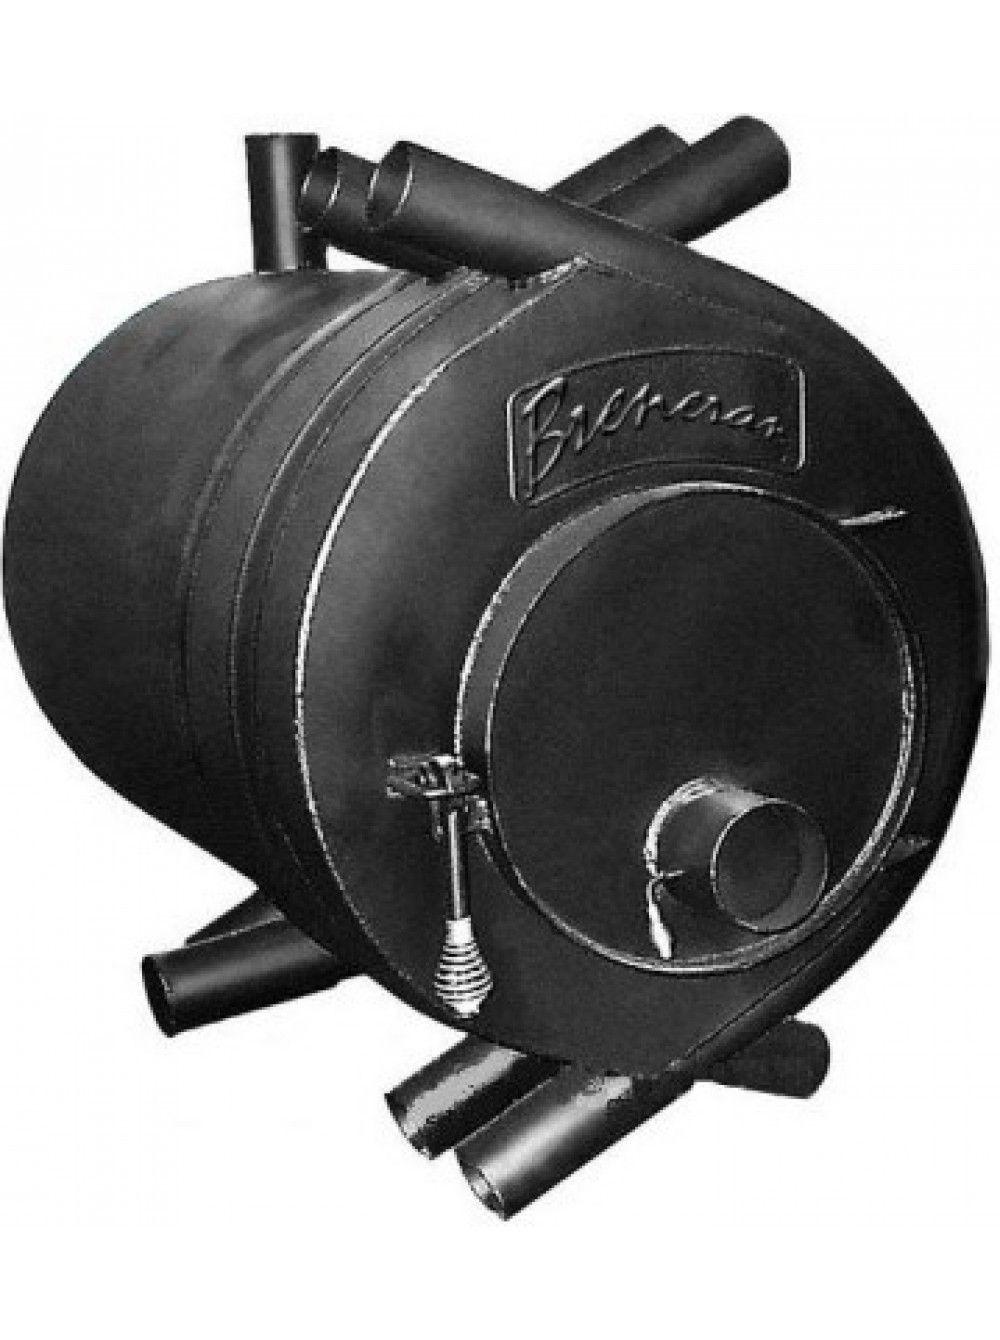 Печь для бани «бренеран»: технический обзор + установка своими руками